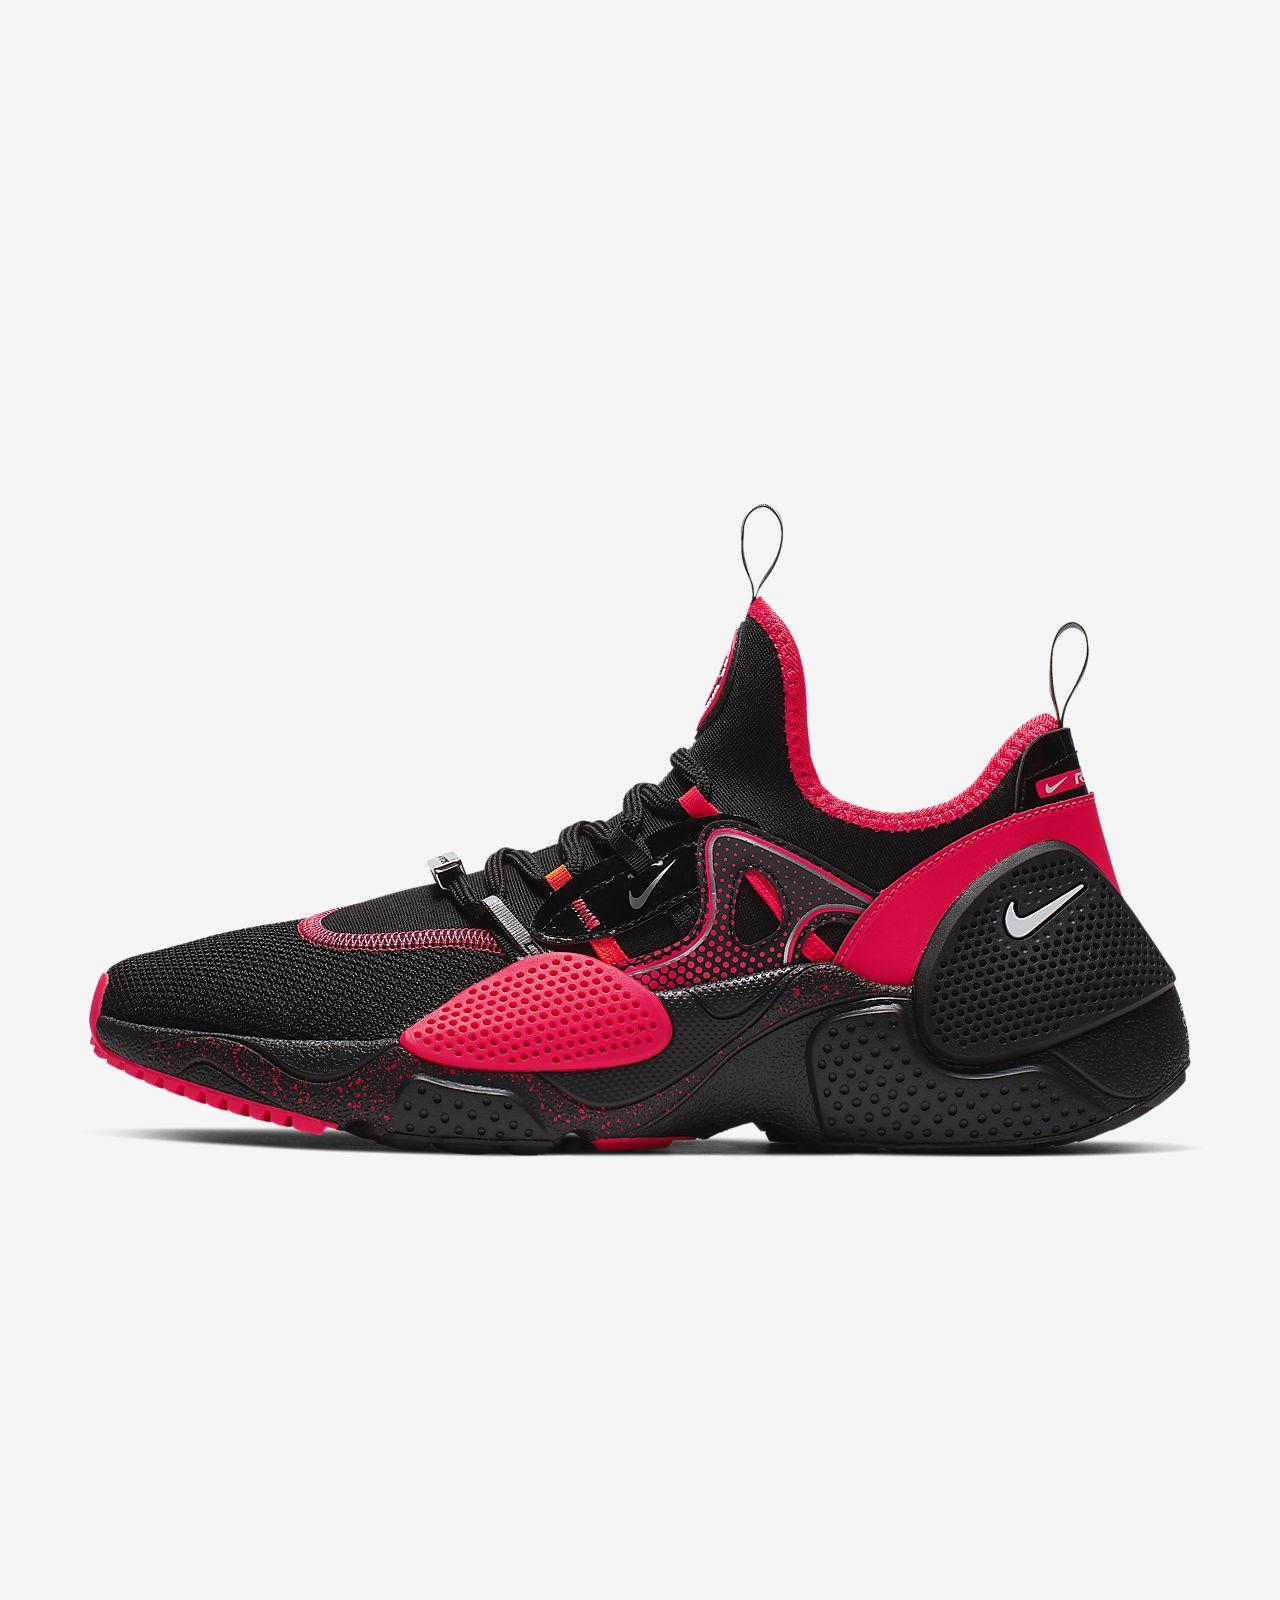 Nike Huarache E.D.G.E. AS QS 男子运动鞋